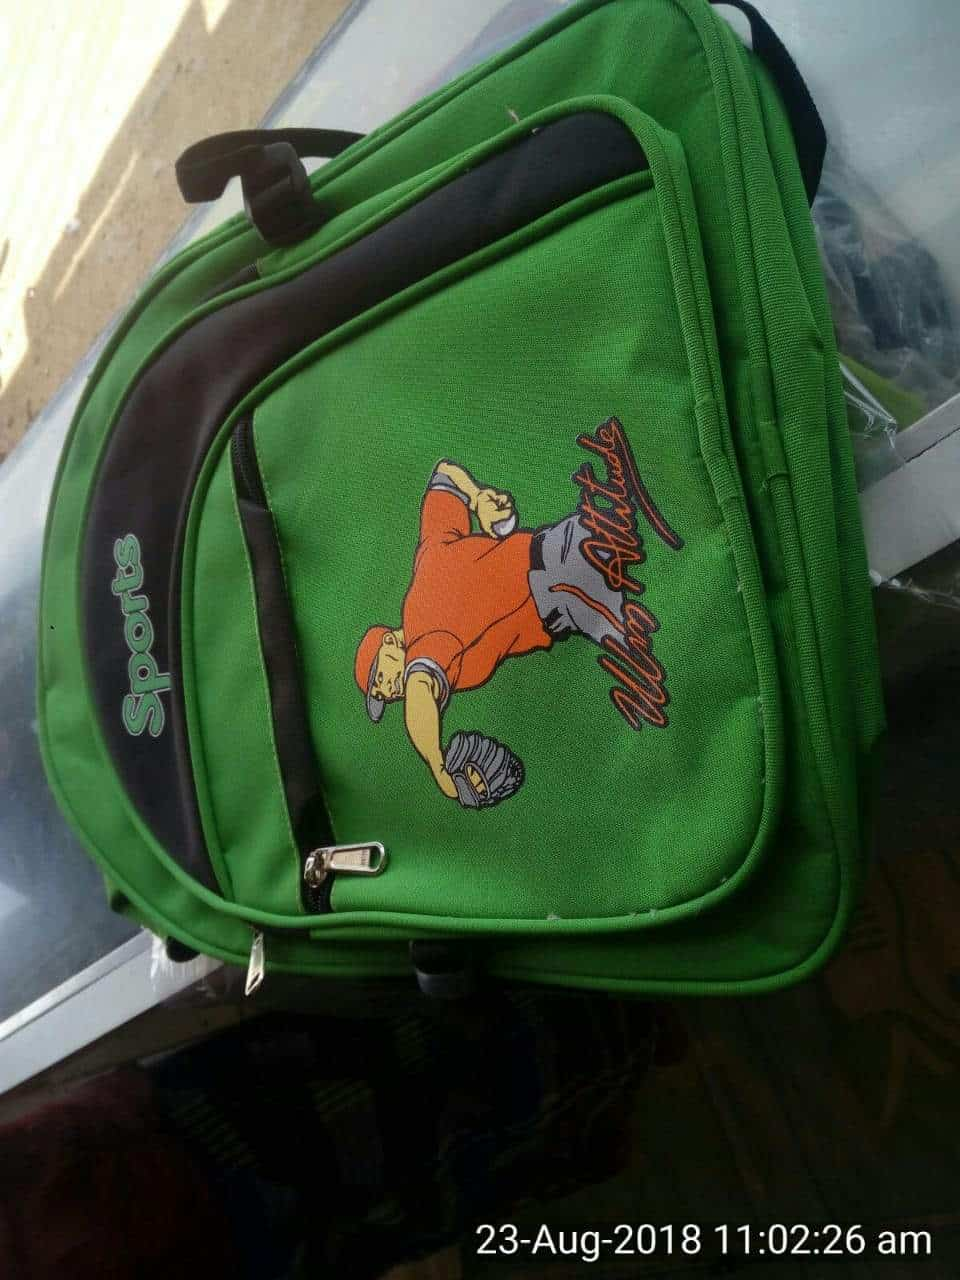 738da7a72 Top Jute Bag Manufacturers in Chatirapatti - Best Jute Bags - Justdial